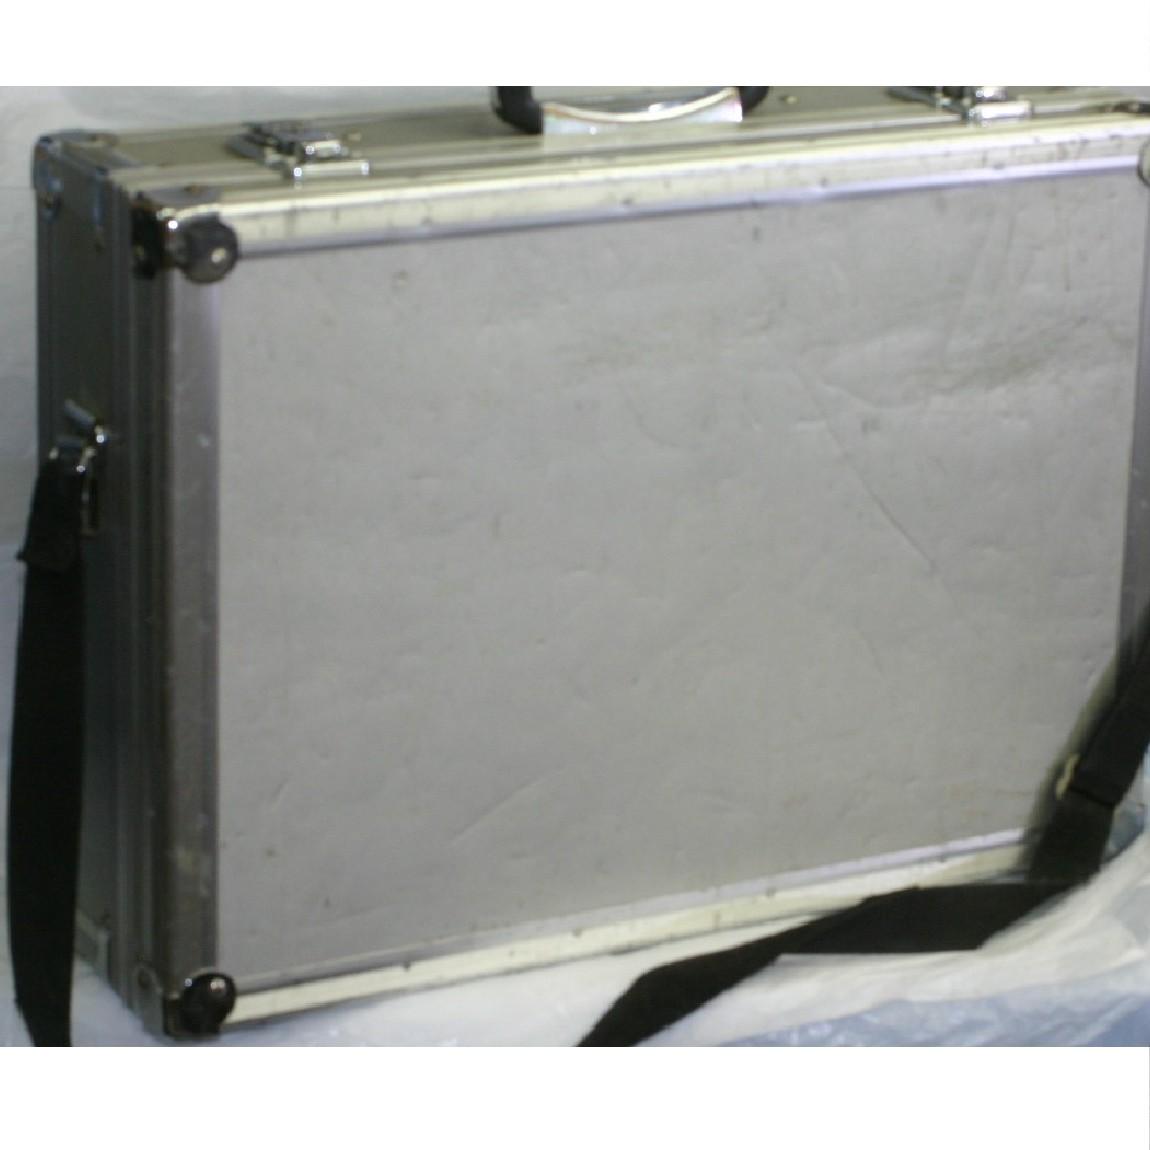 【中古】本物USED日本プロフォートのハッセルブラッドを収納していたアルミケース/トランク プロケース